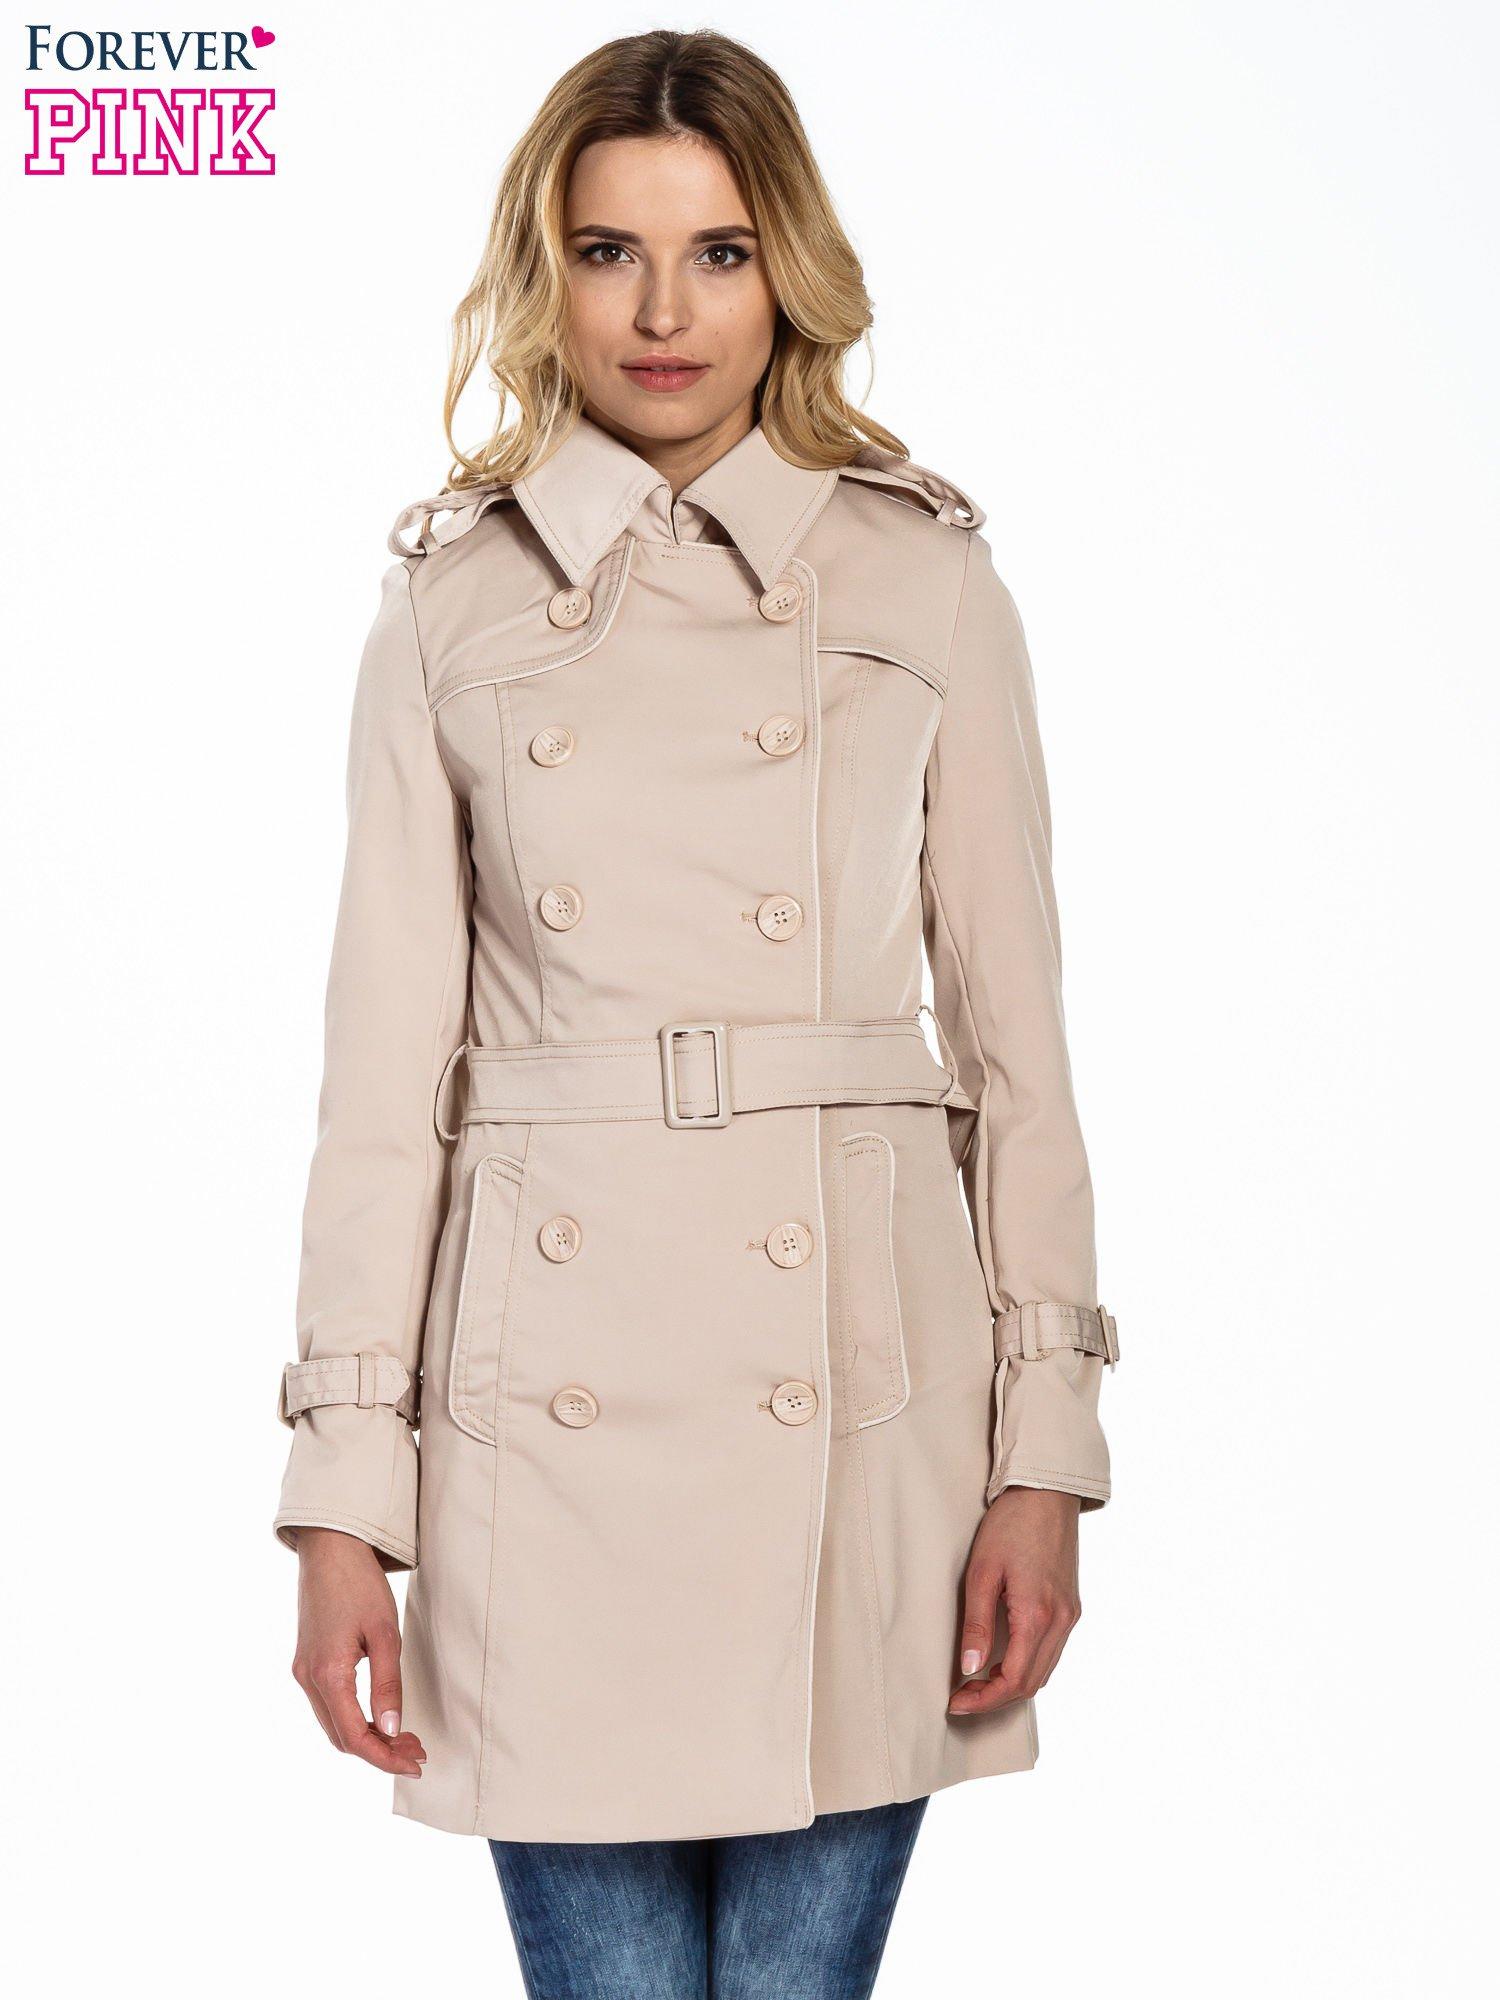 Jasnobeżowy klasyczny płaszcz trencz ze skórzanym obszyciem                                  zdj.                                  1